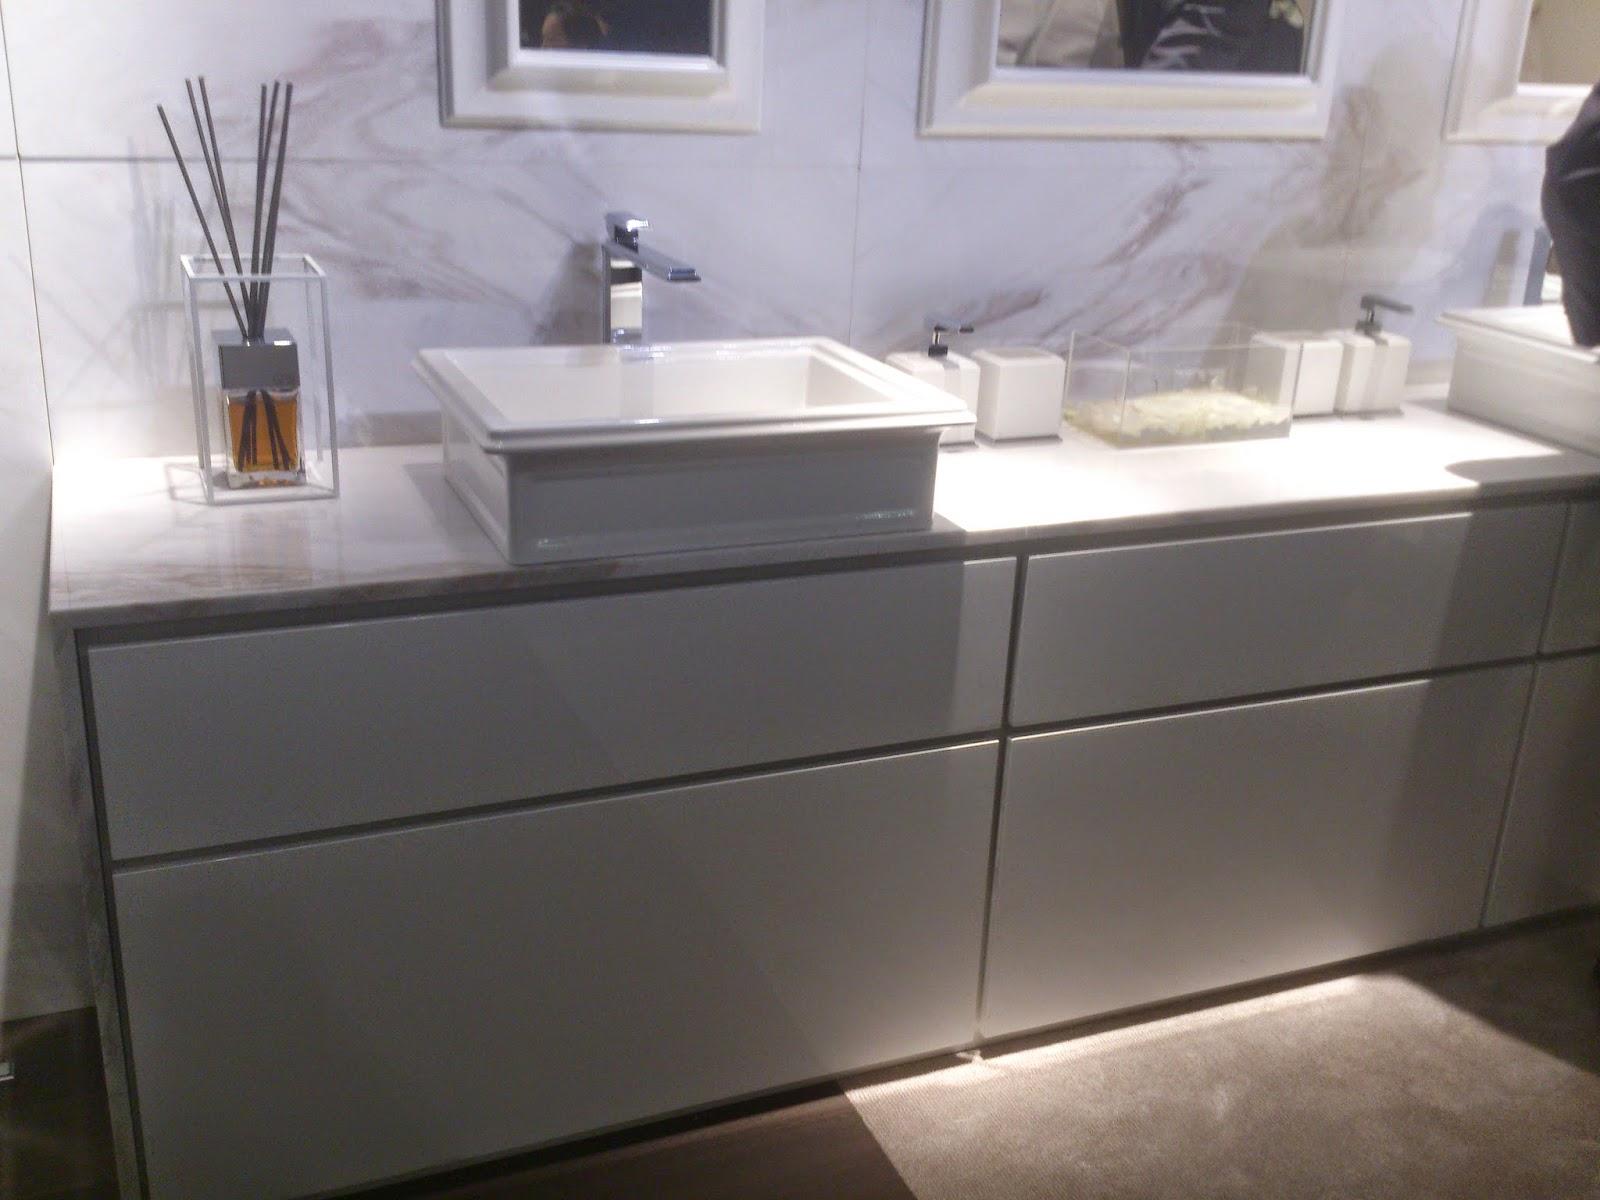 Luxe bath ba os decoraci n y estilo 2014 - Muebles urban chic ...